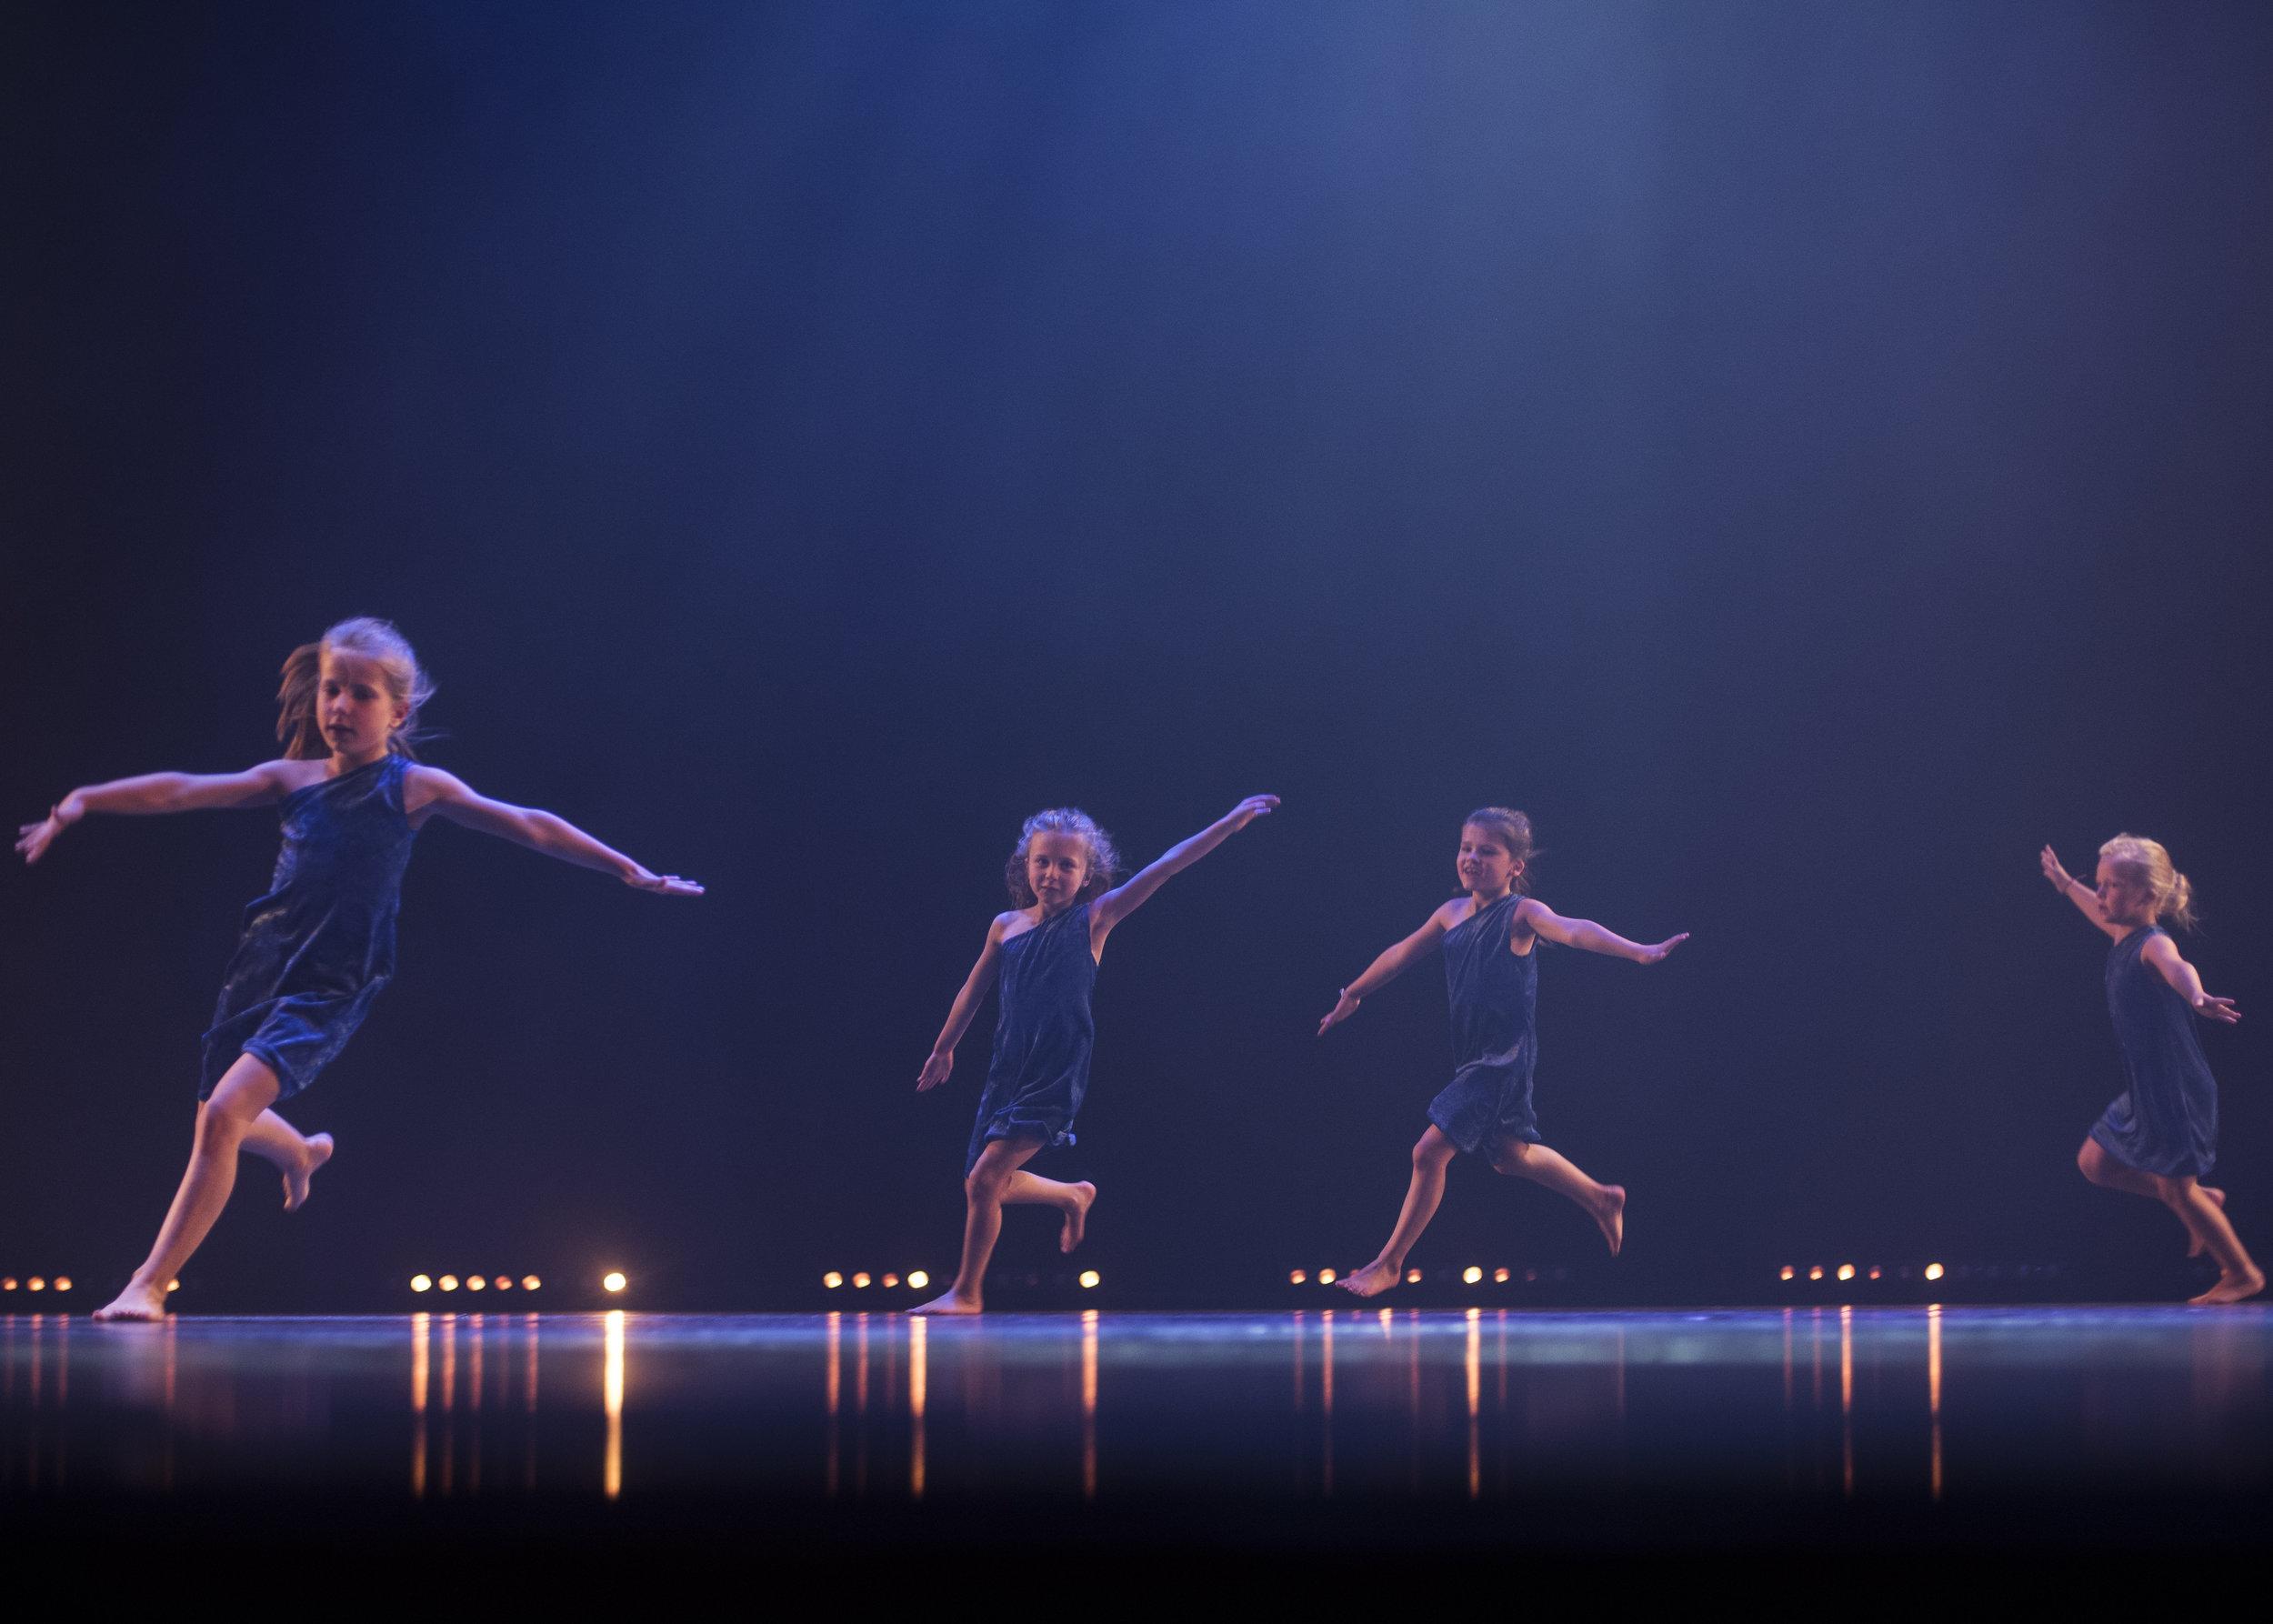 X-DANCE_Leef je droom_Dag 2_012.jpg